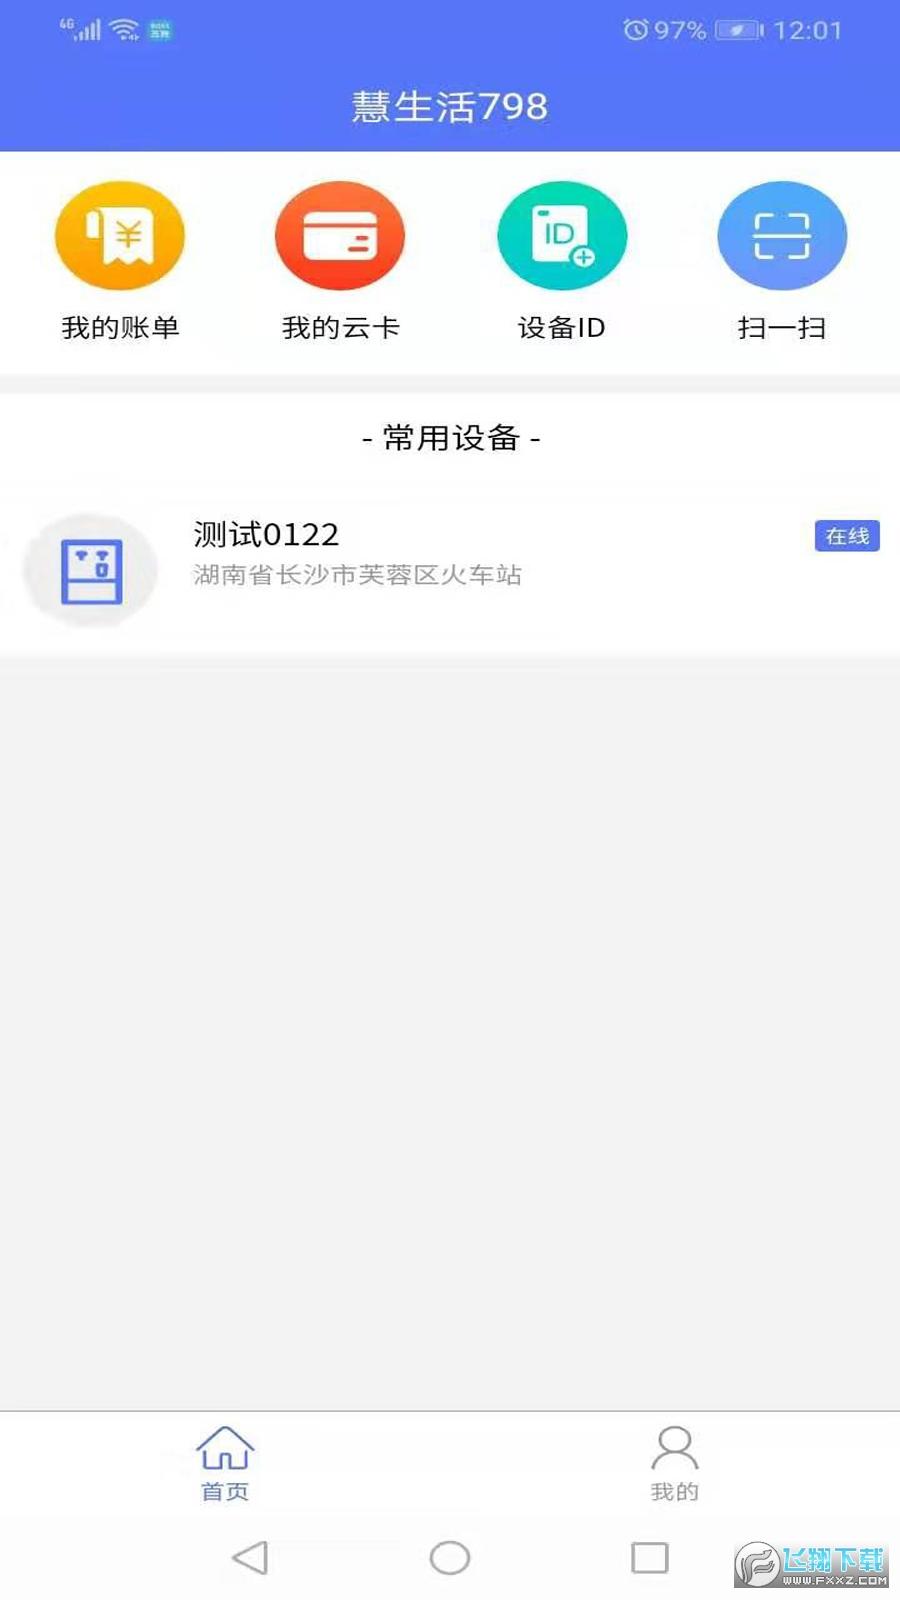 慧生活7981.0.34安卓版截图3